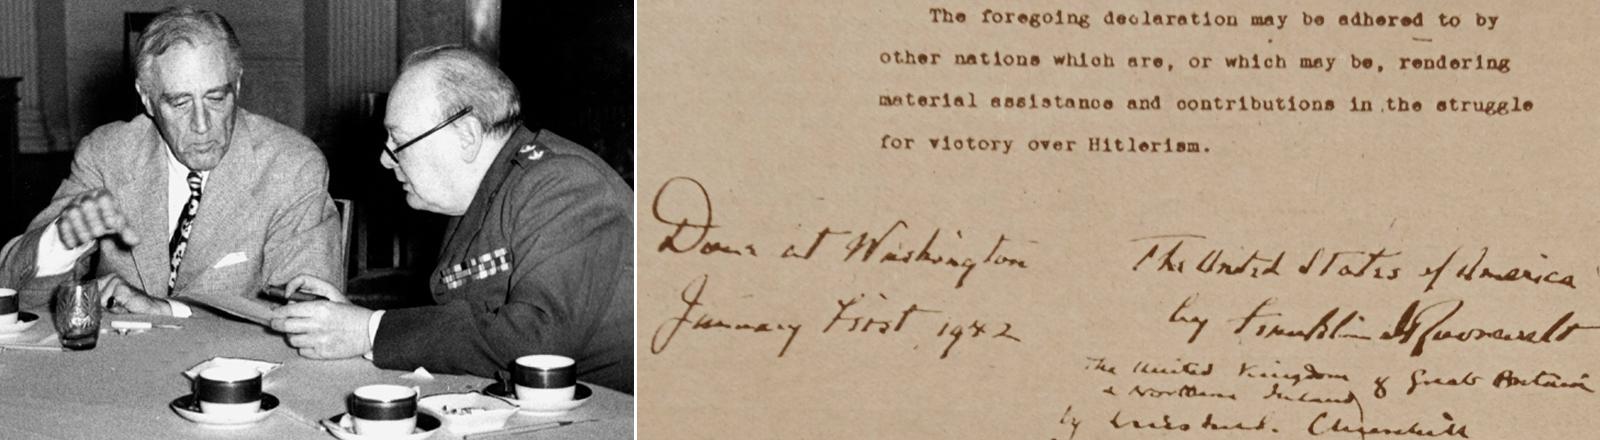 Der amerikanische Präsident Franklin D. Roosevelt (l) und der britische Premierminister Winston Churchill (r) während einer Unterhaltung am Konferenztisch. Rechts zu sehen, eine Kopie der Deklaration der Vereinten Nationen.